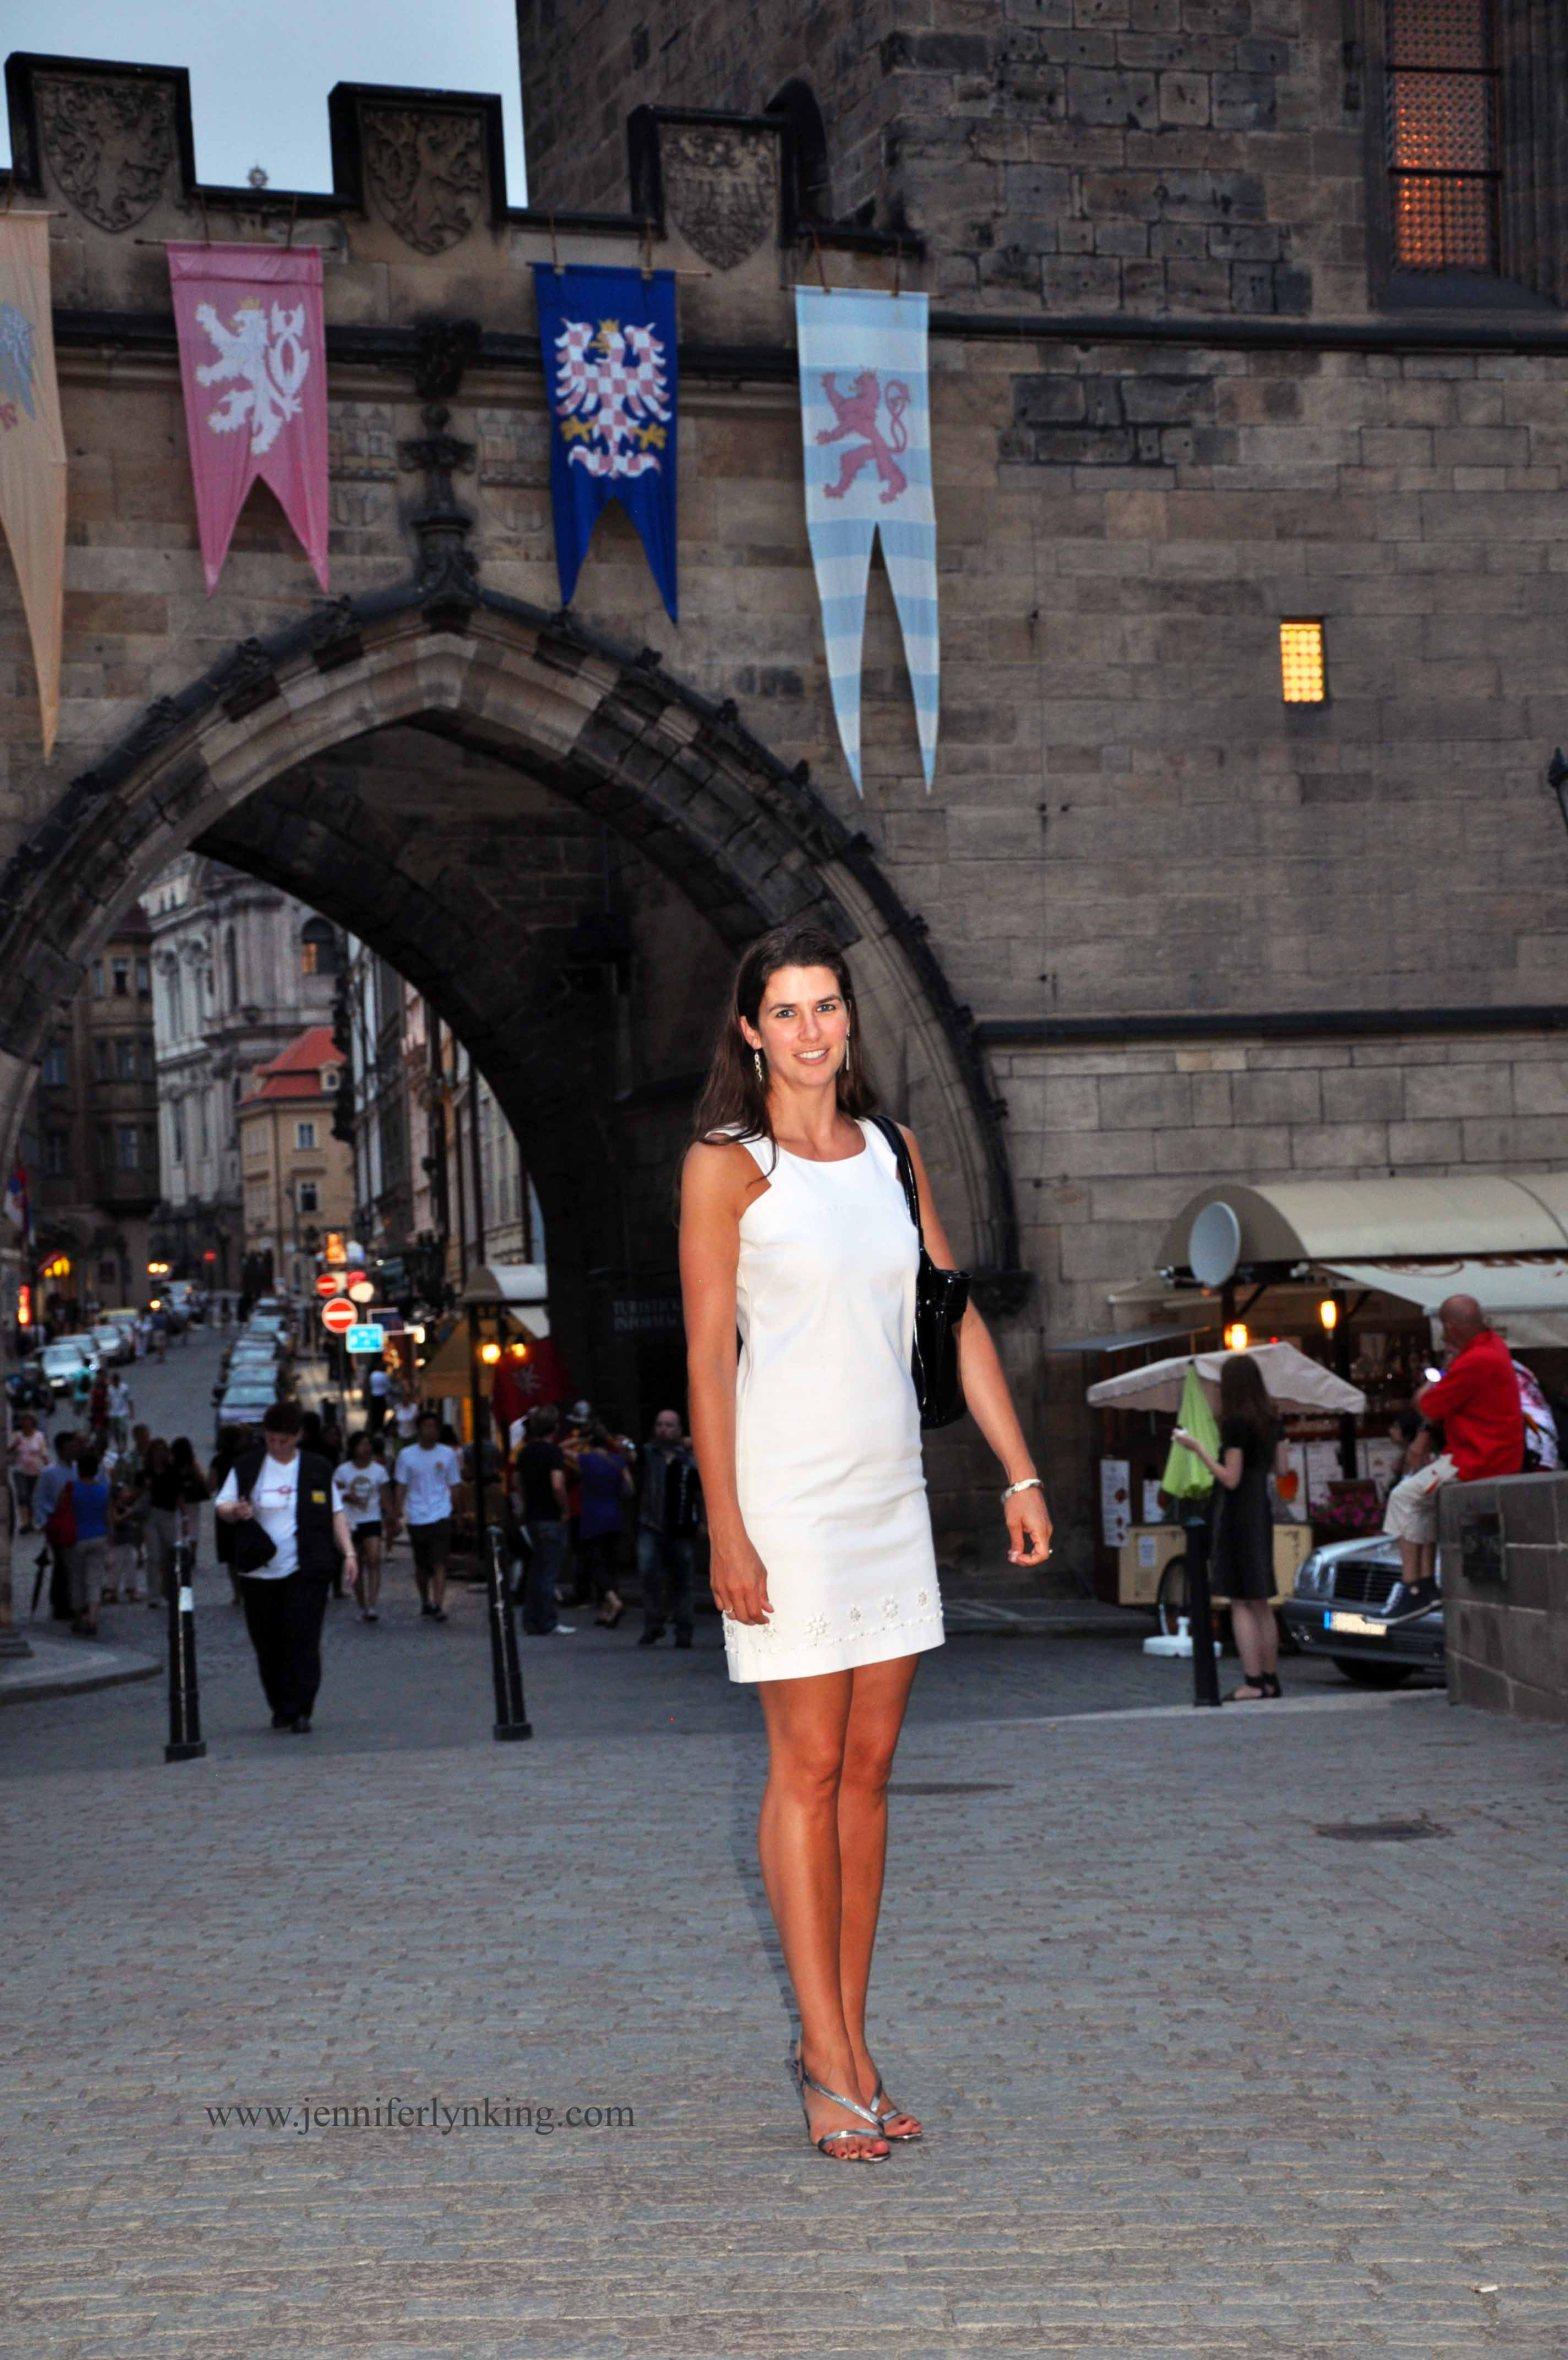 Jennifer Lyn King in Prague